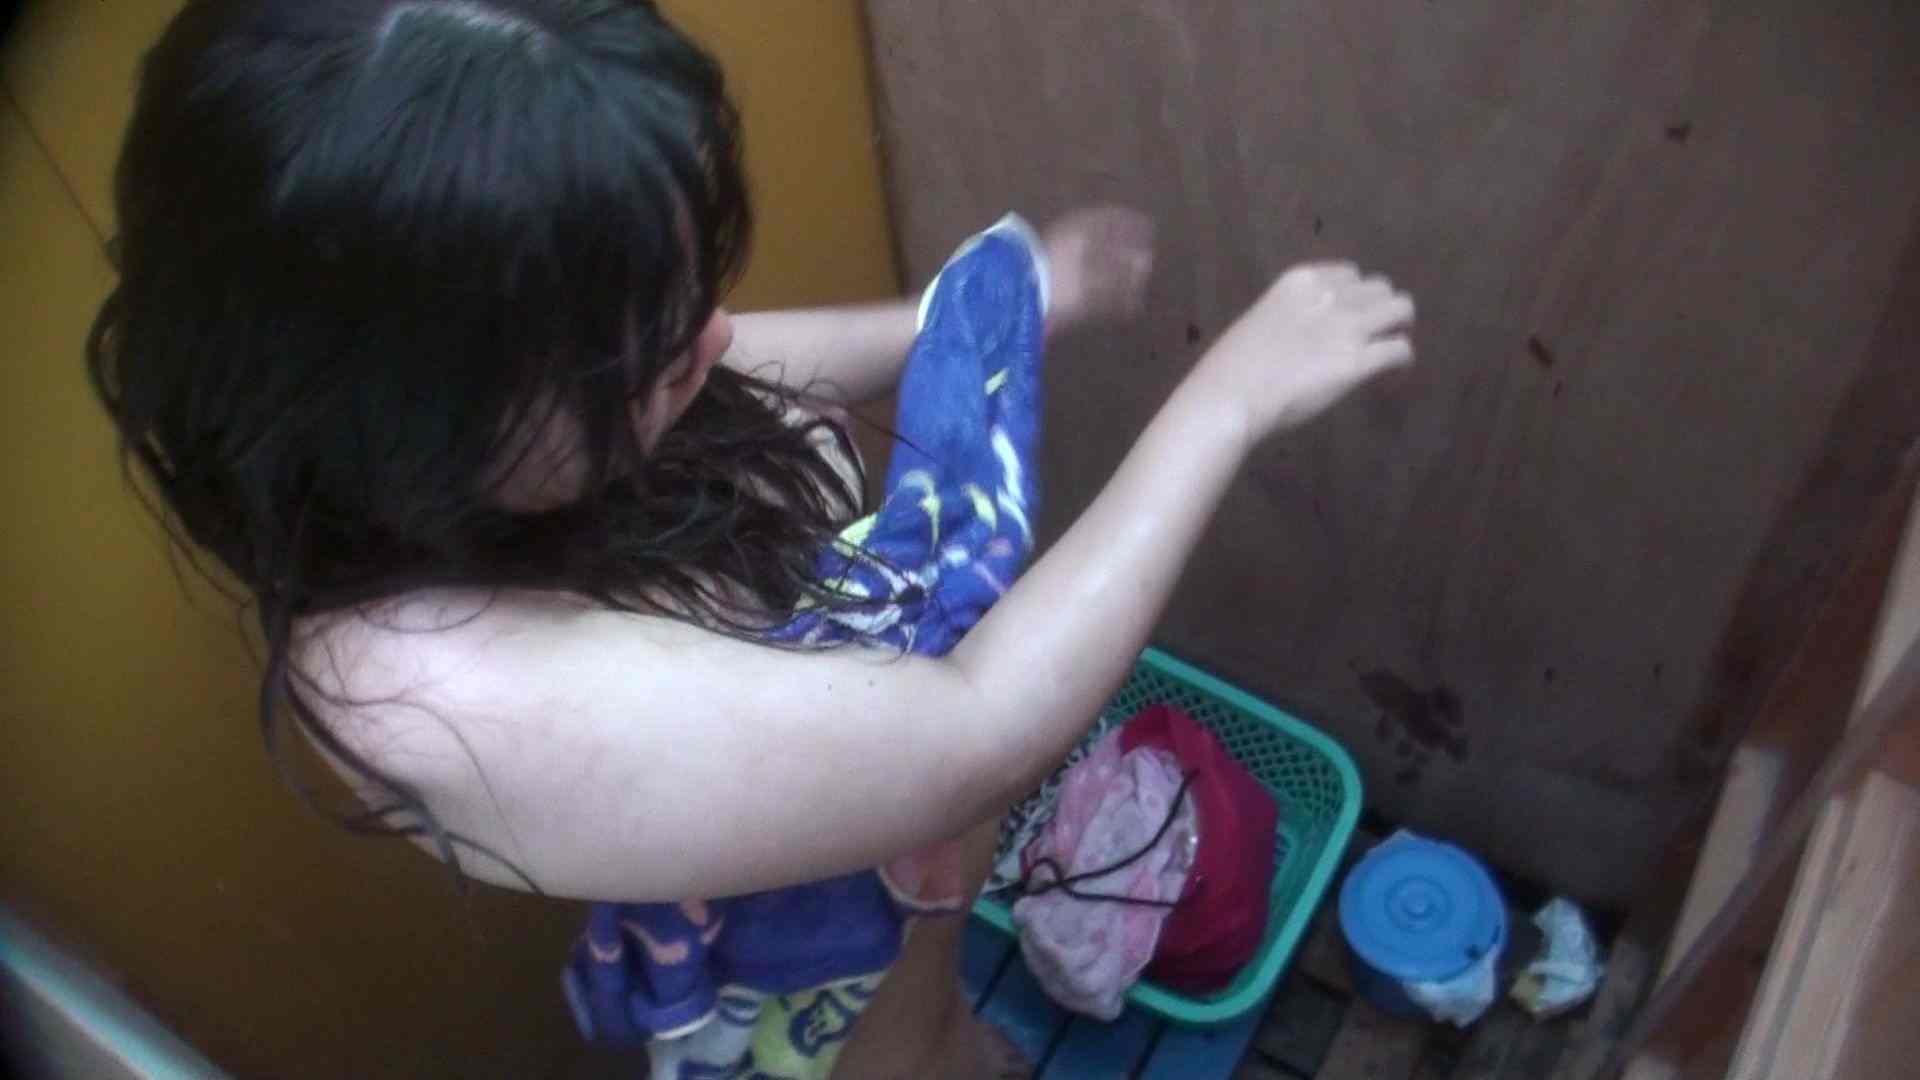 シャワールームは超!!危険な香りVol.13 ムッチムチのいやらしい身体つき シャワー 盗撮動画紹介 76pic 44